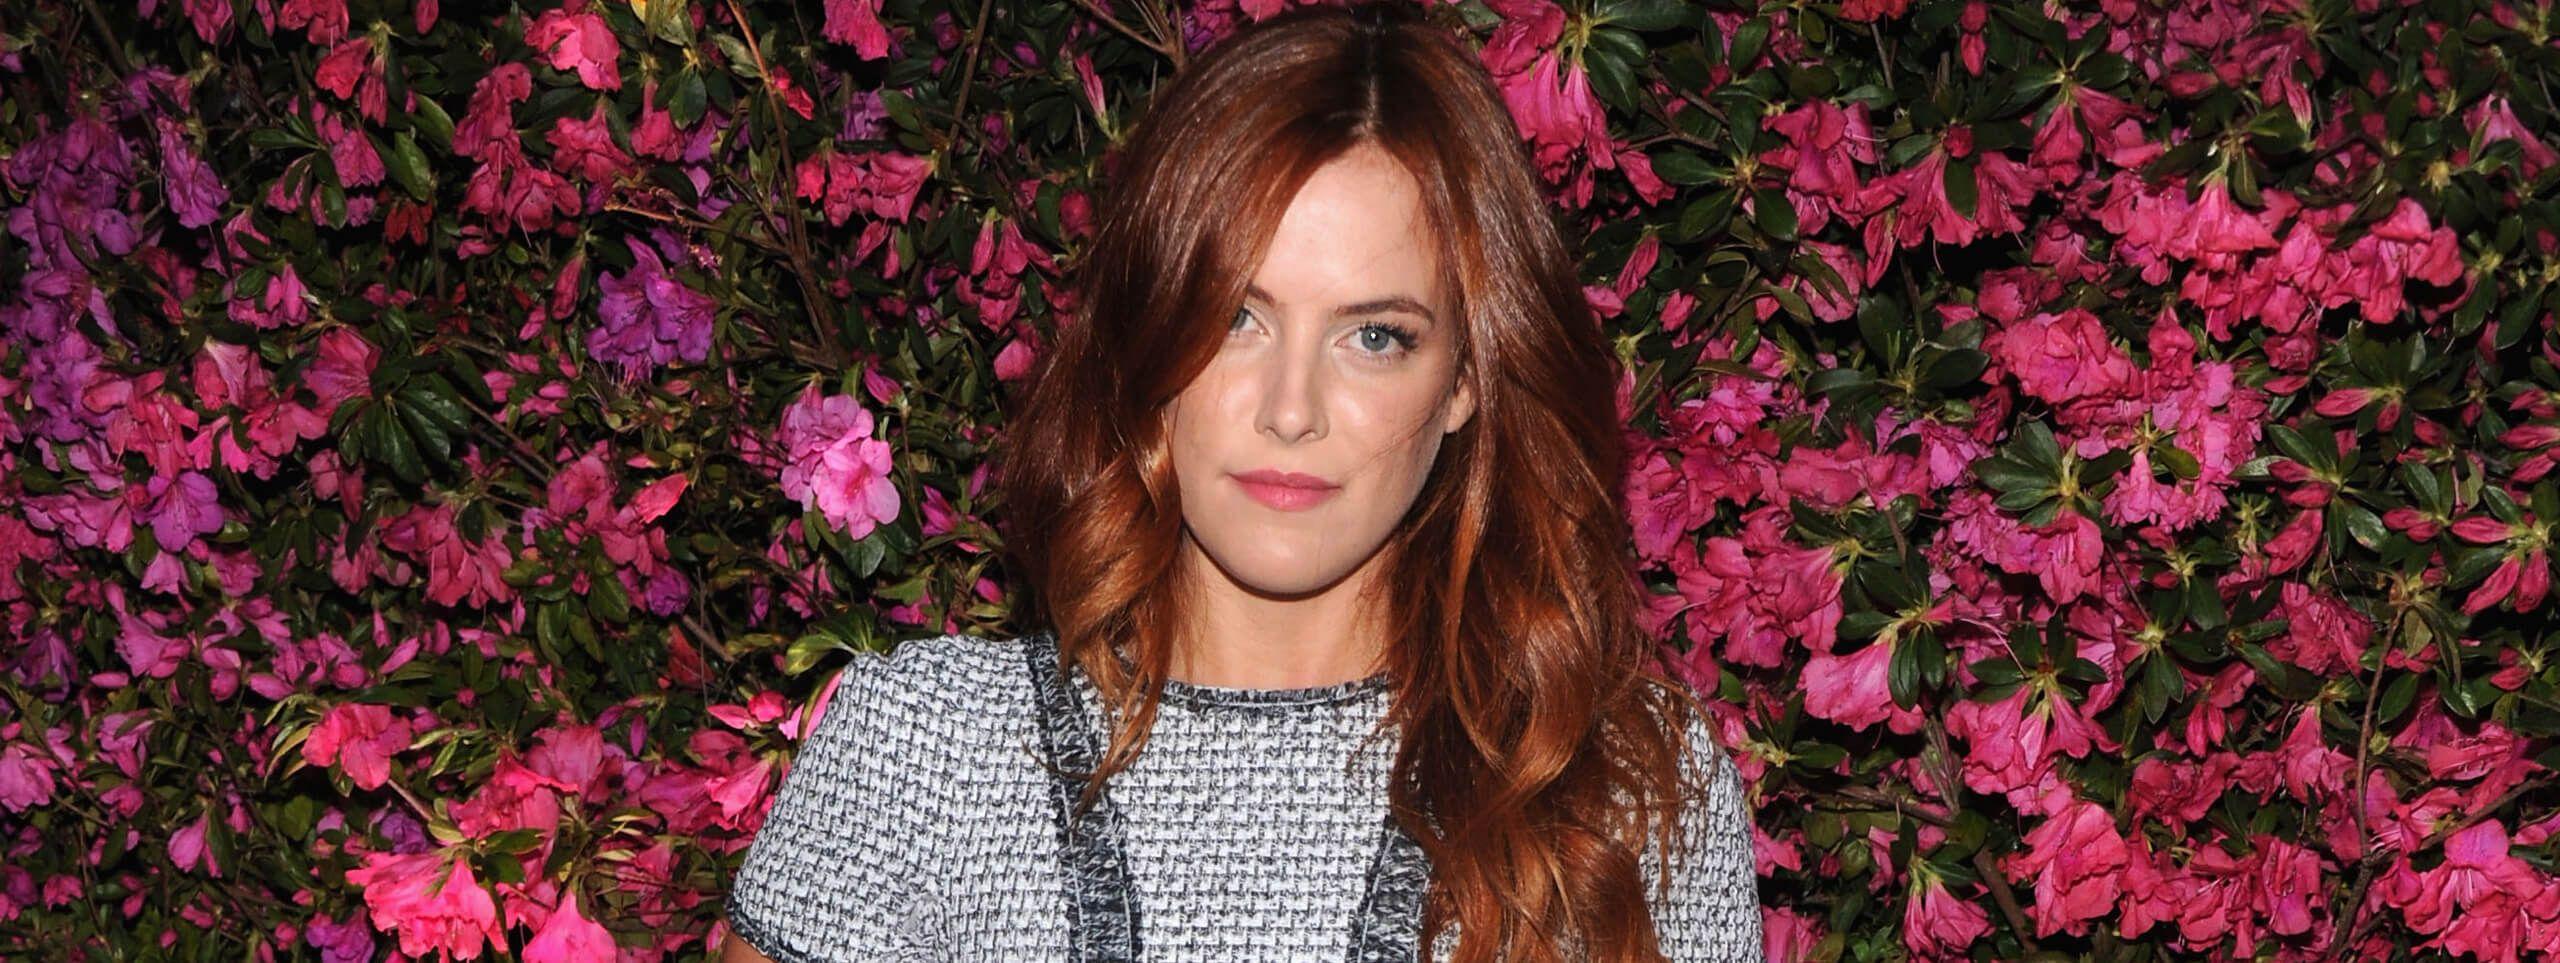 Riley Keough tendenza capelli rossi star e vip